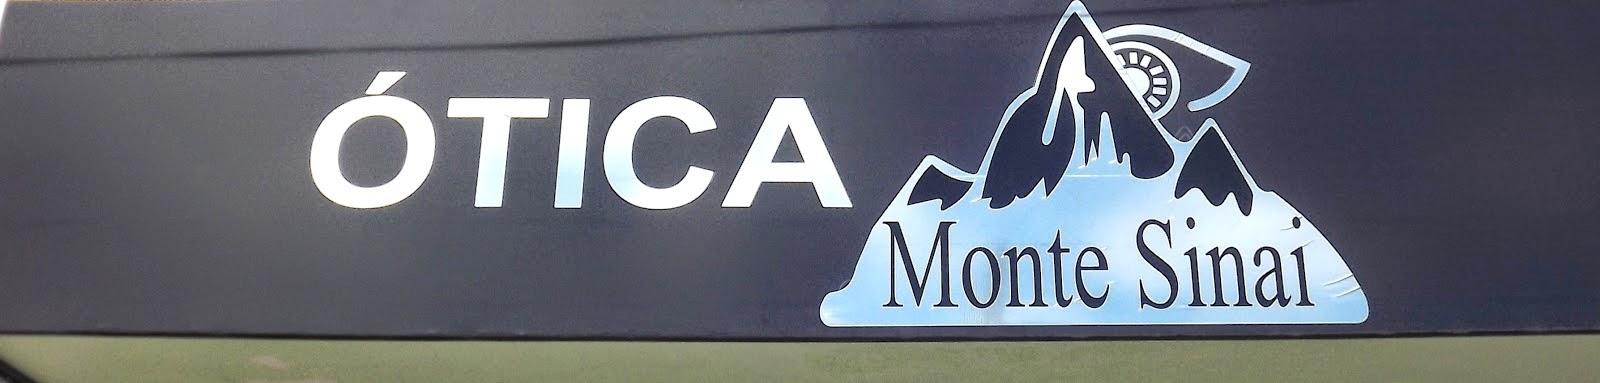 Ótica Monte Sinai